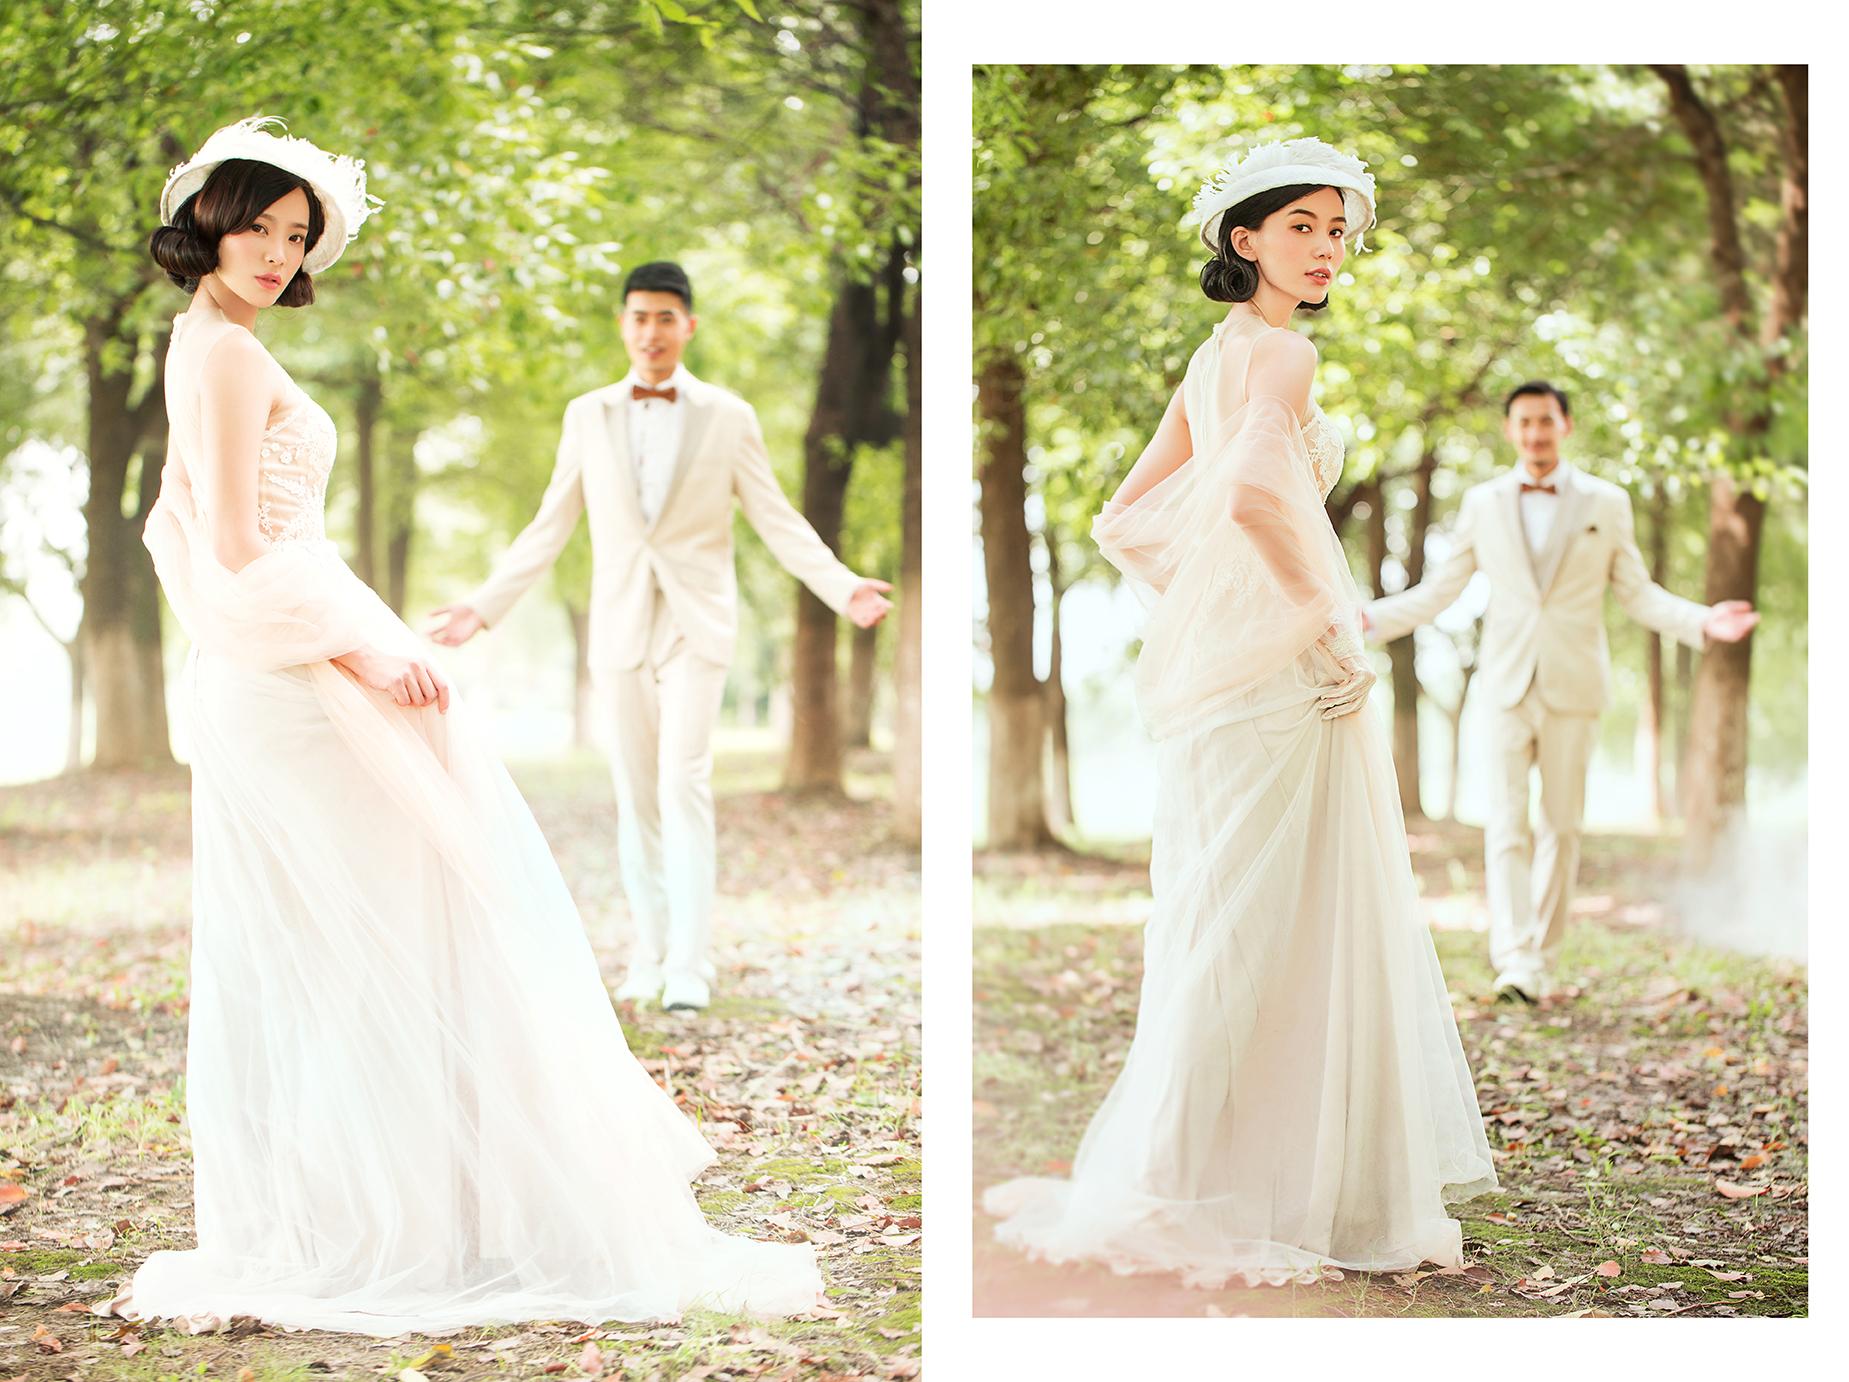 婚纱照作品图片